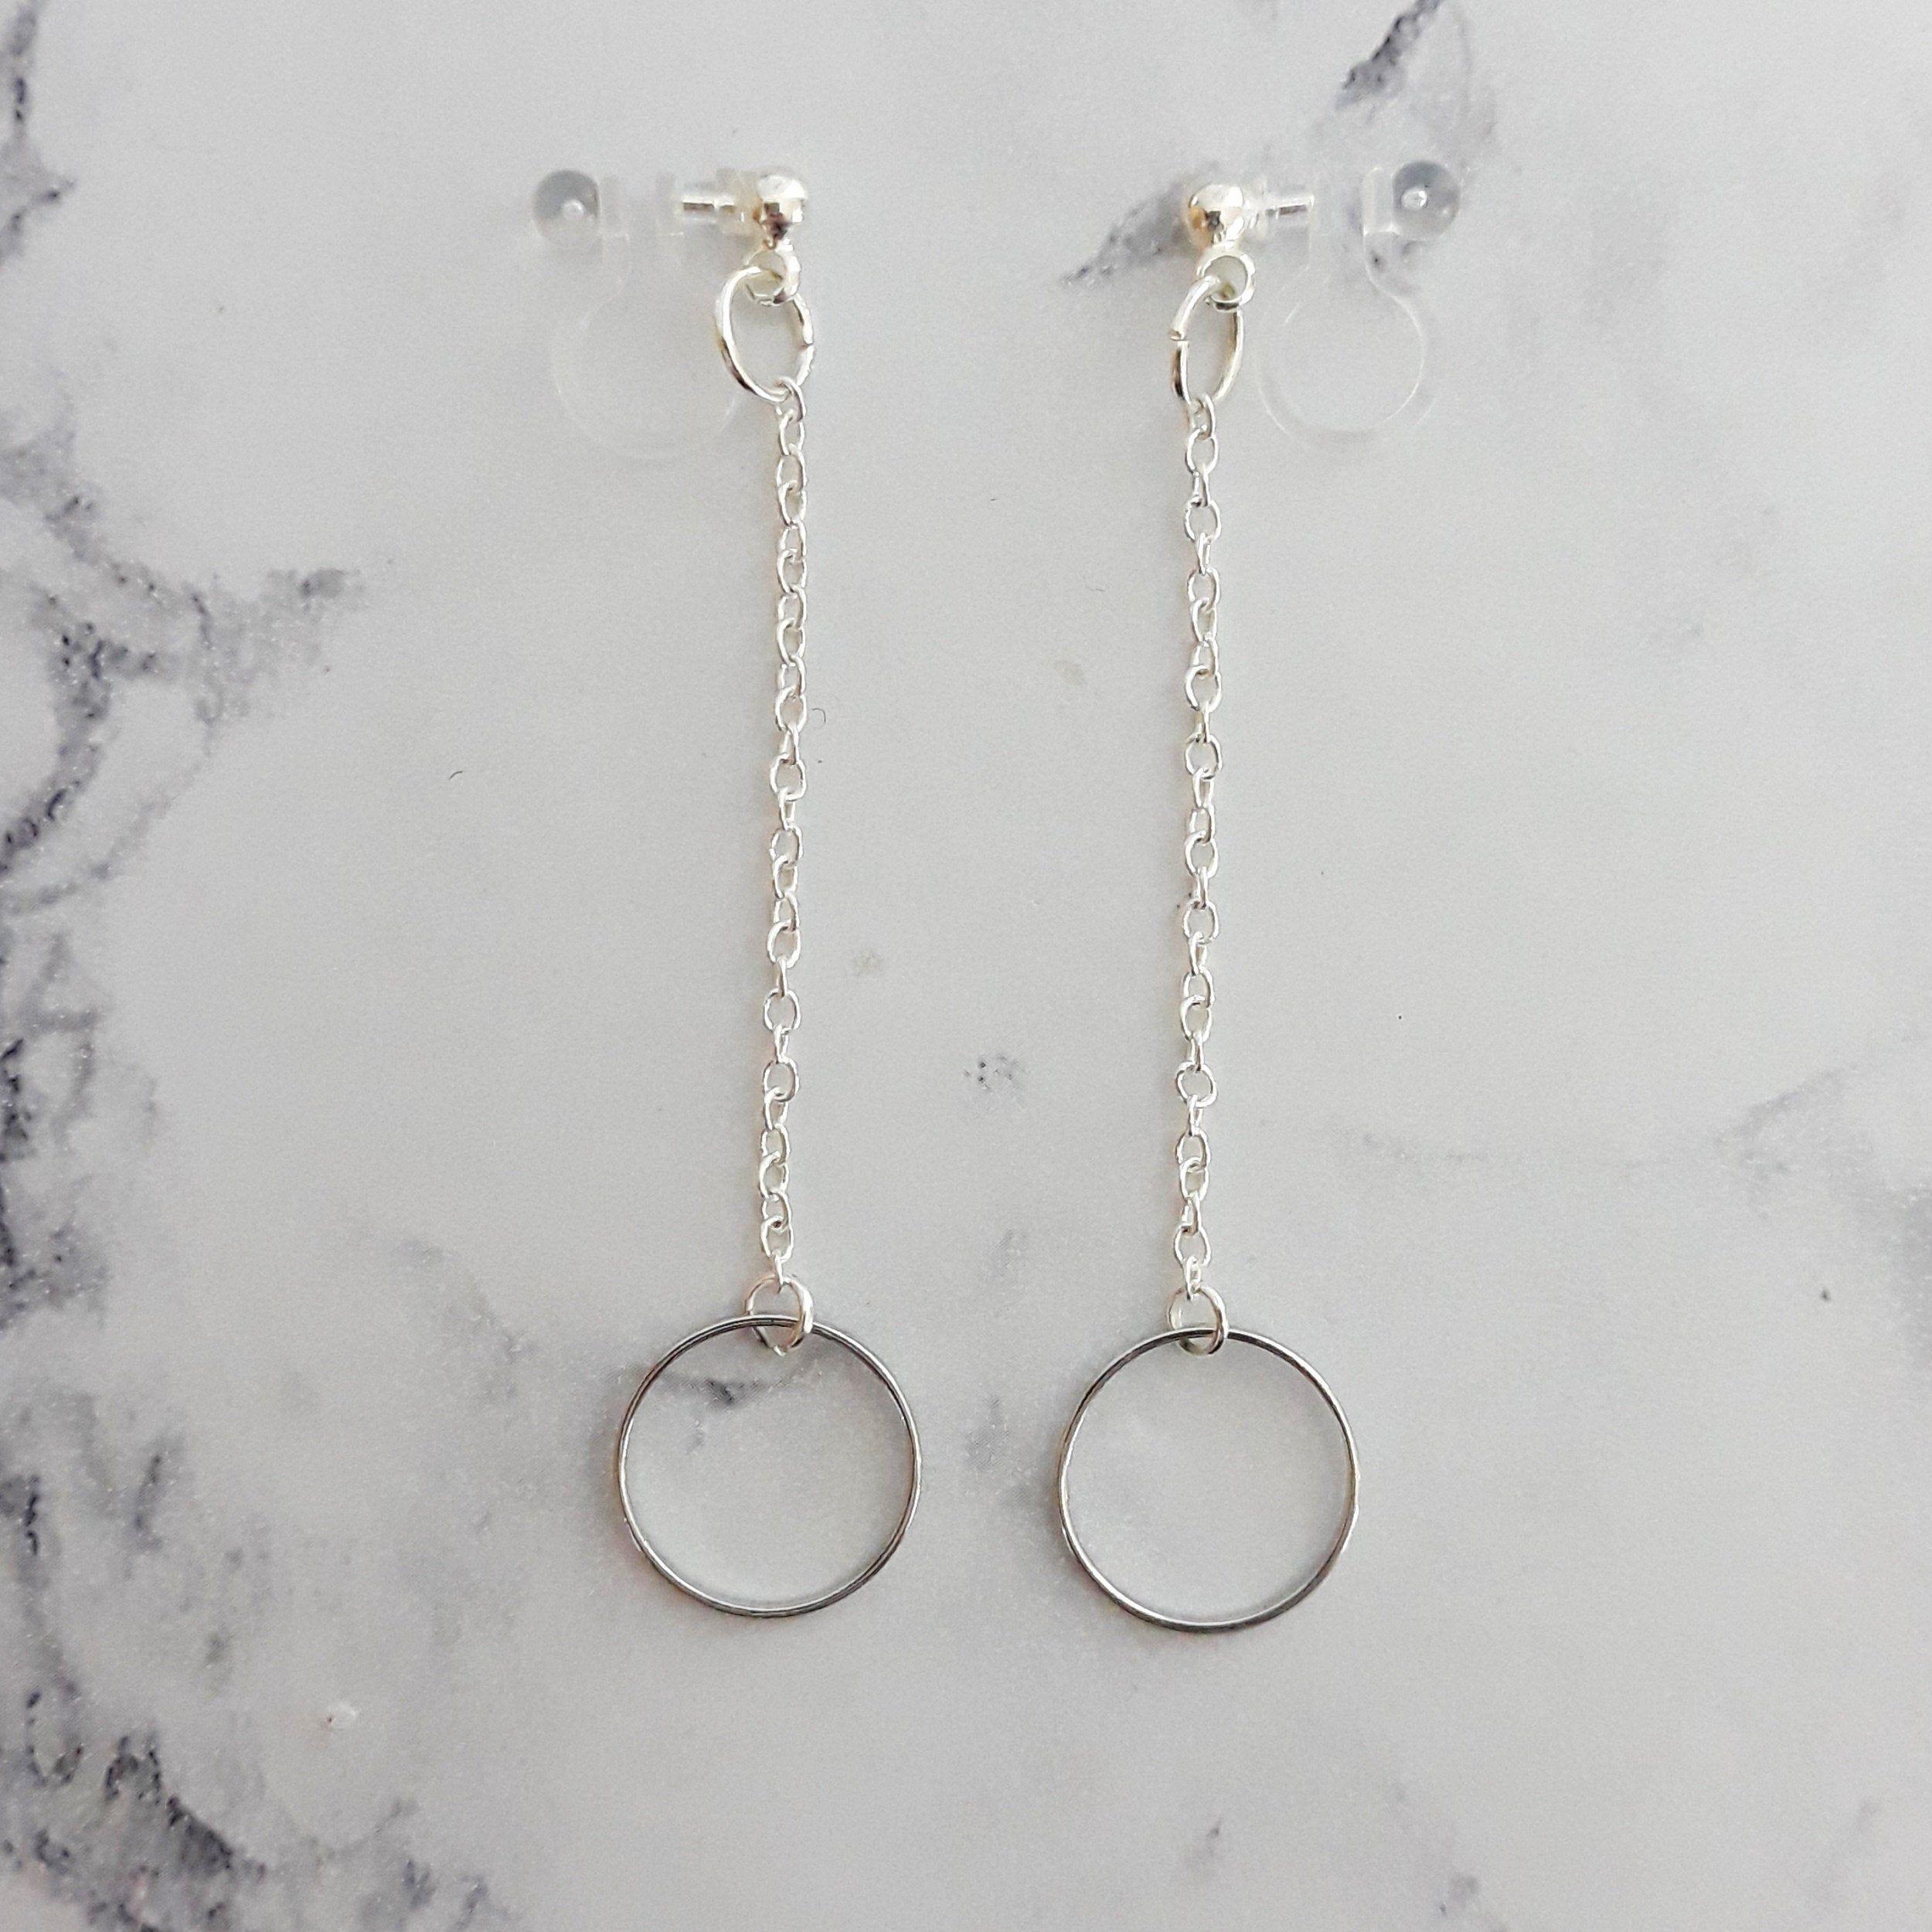 petits anneaux bijoux boucle d'oreille